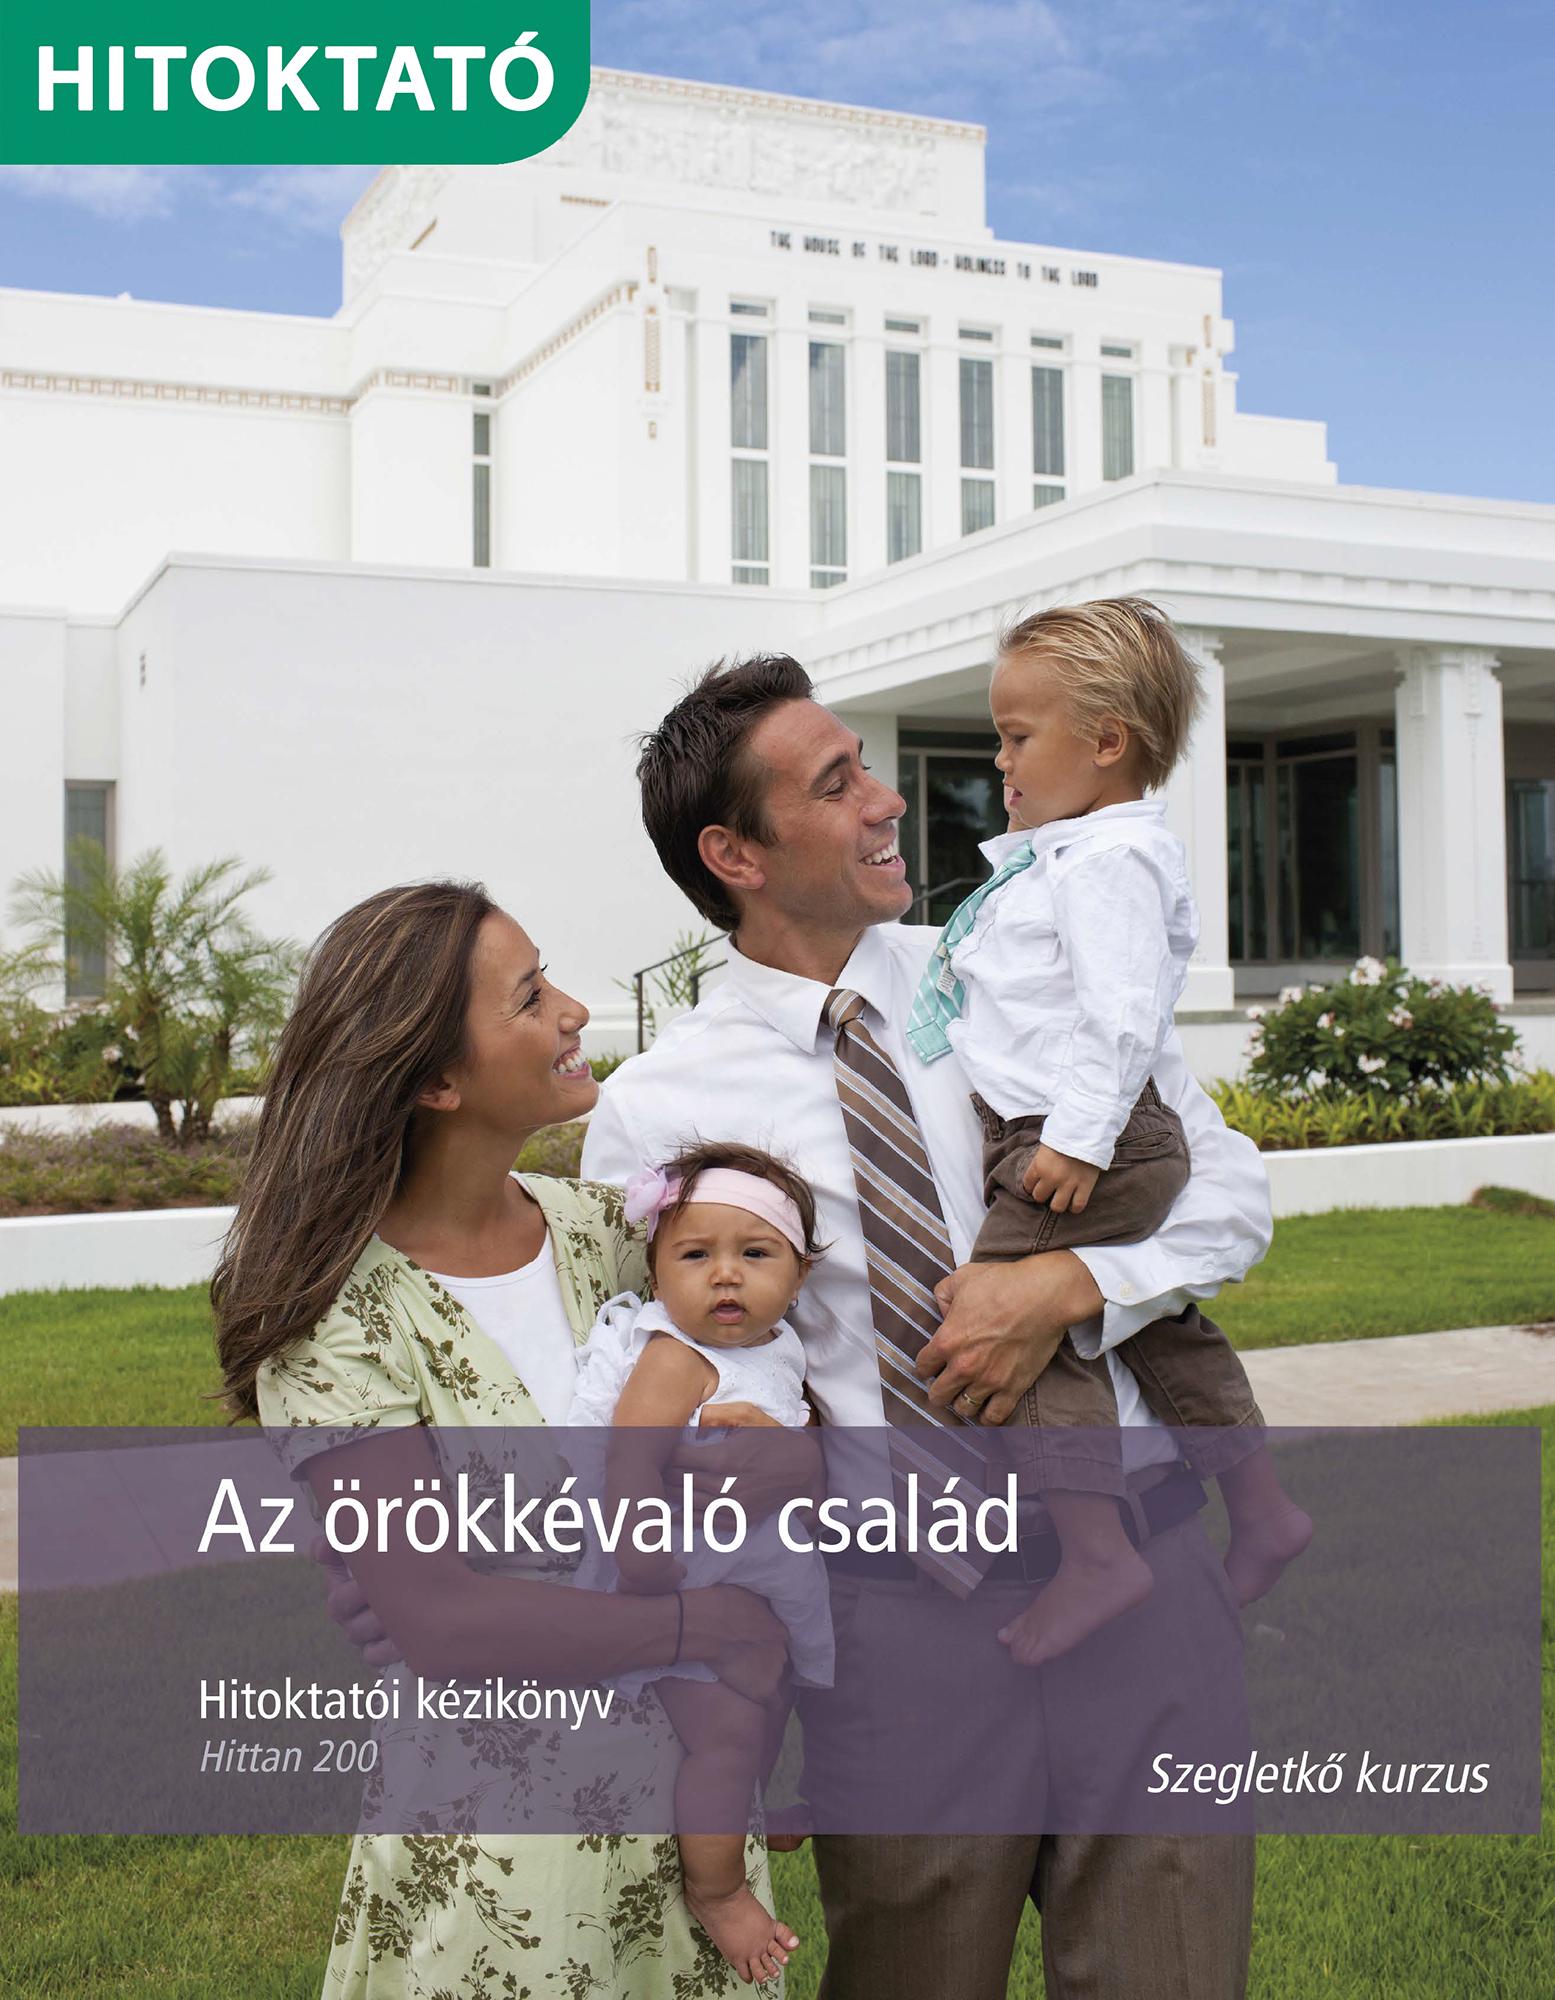 Az örökkévaló család hitoktatói kézikönyv (Hittan 200)